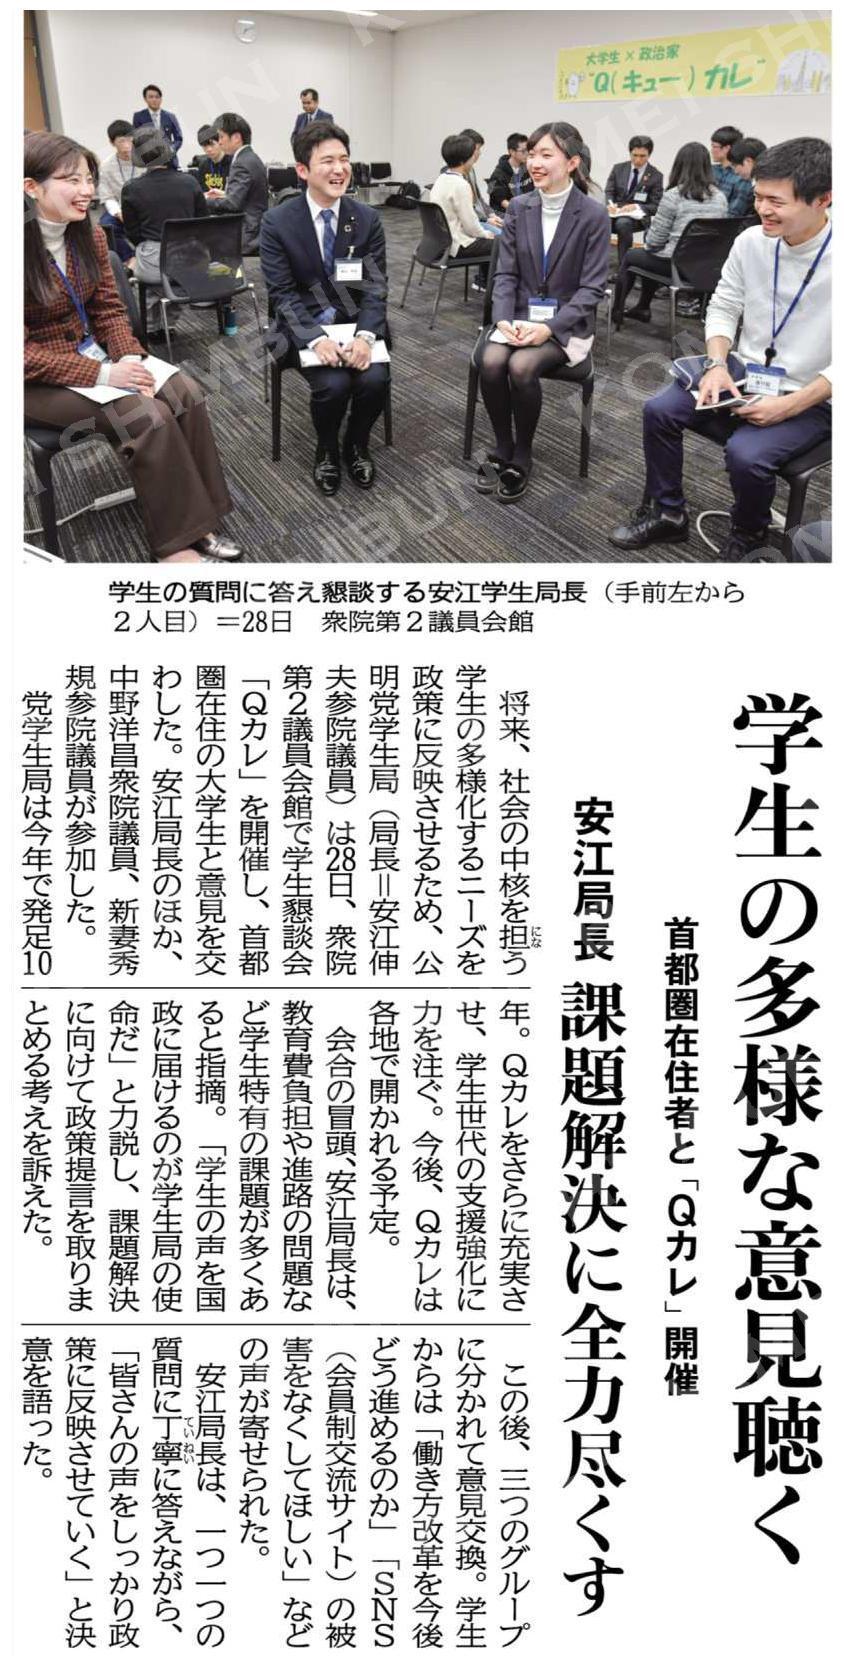 (首都圏在住者と「Qカレ」開催)学生の多様な意見聴く/課題解決に全力尽くす/安江局長